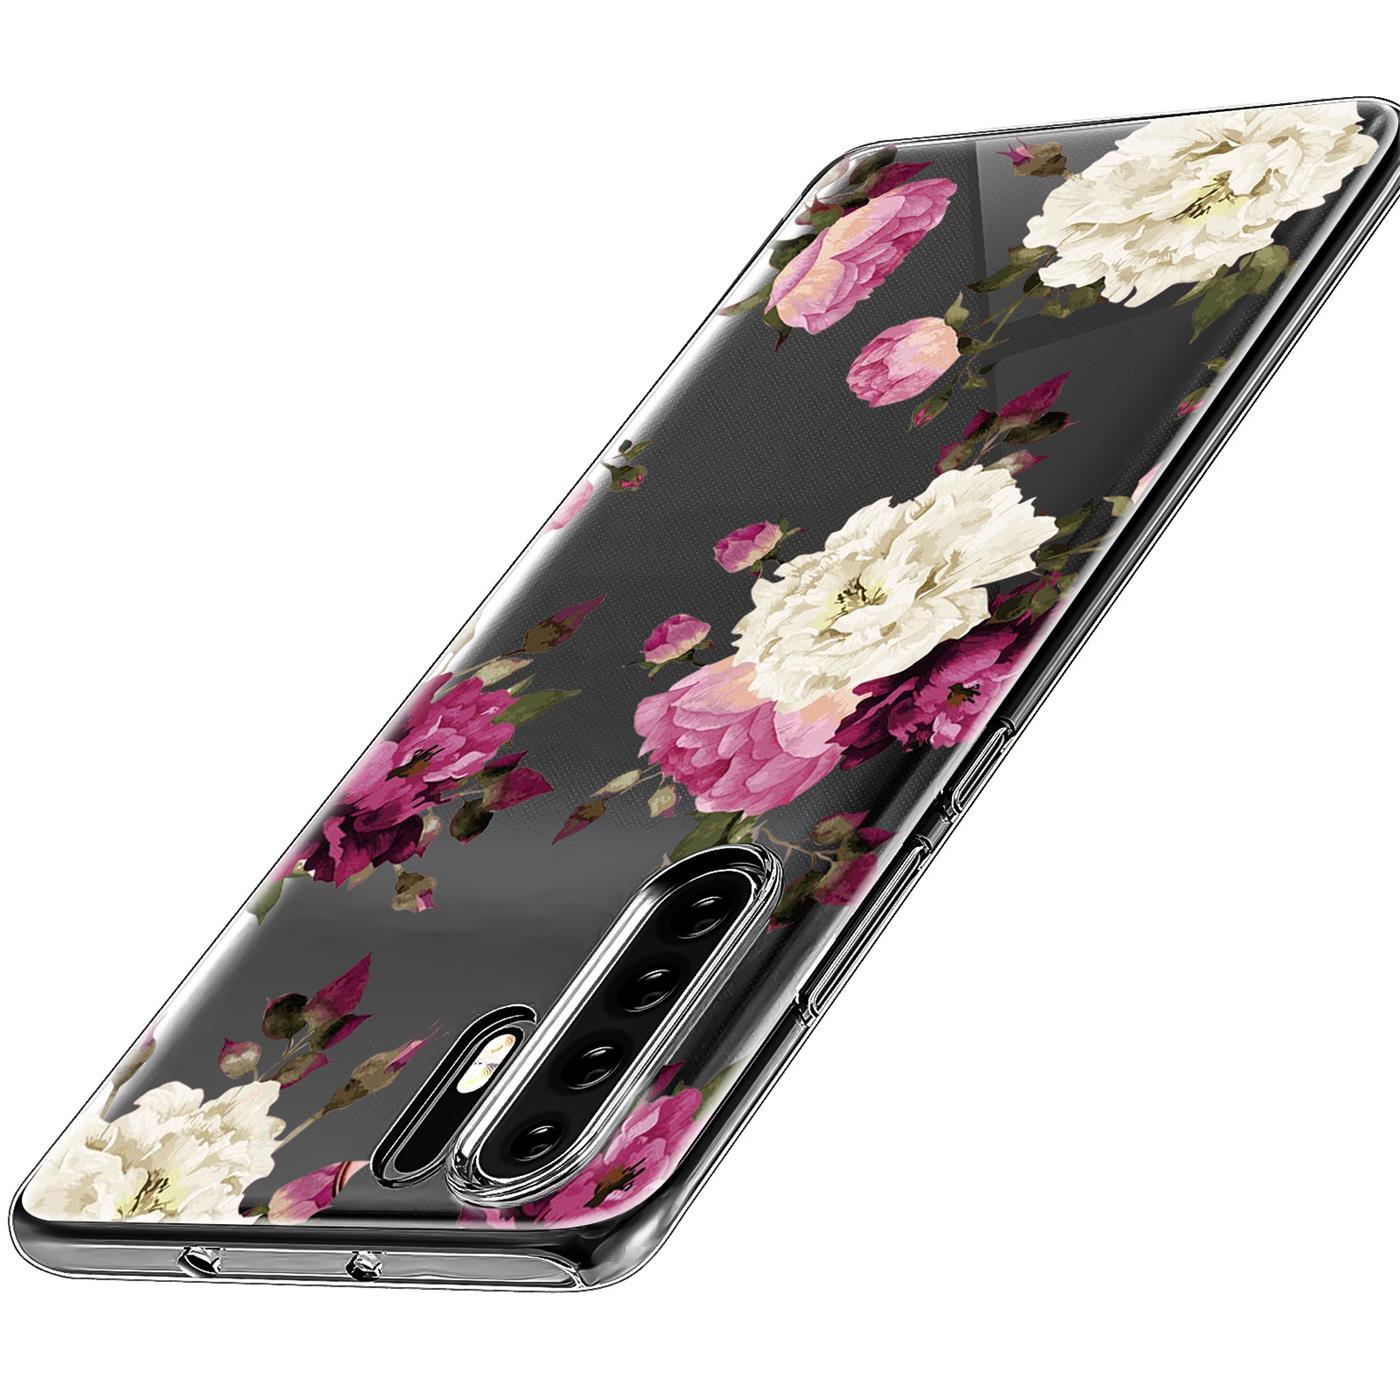 Huawei-P30-Lite-Motiv-Handy-Huelle-Silikon-Tasche-Schutzhuelle-Cover-Slim-TPU-Case Indexbild 33